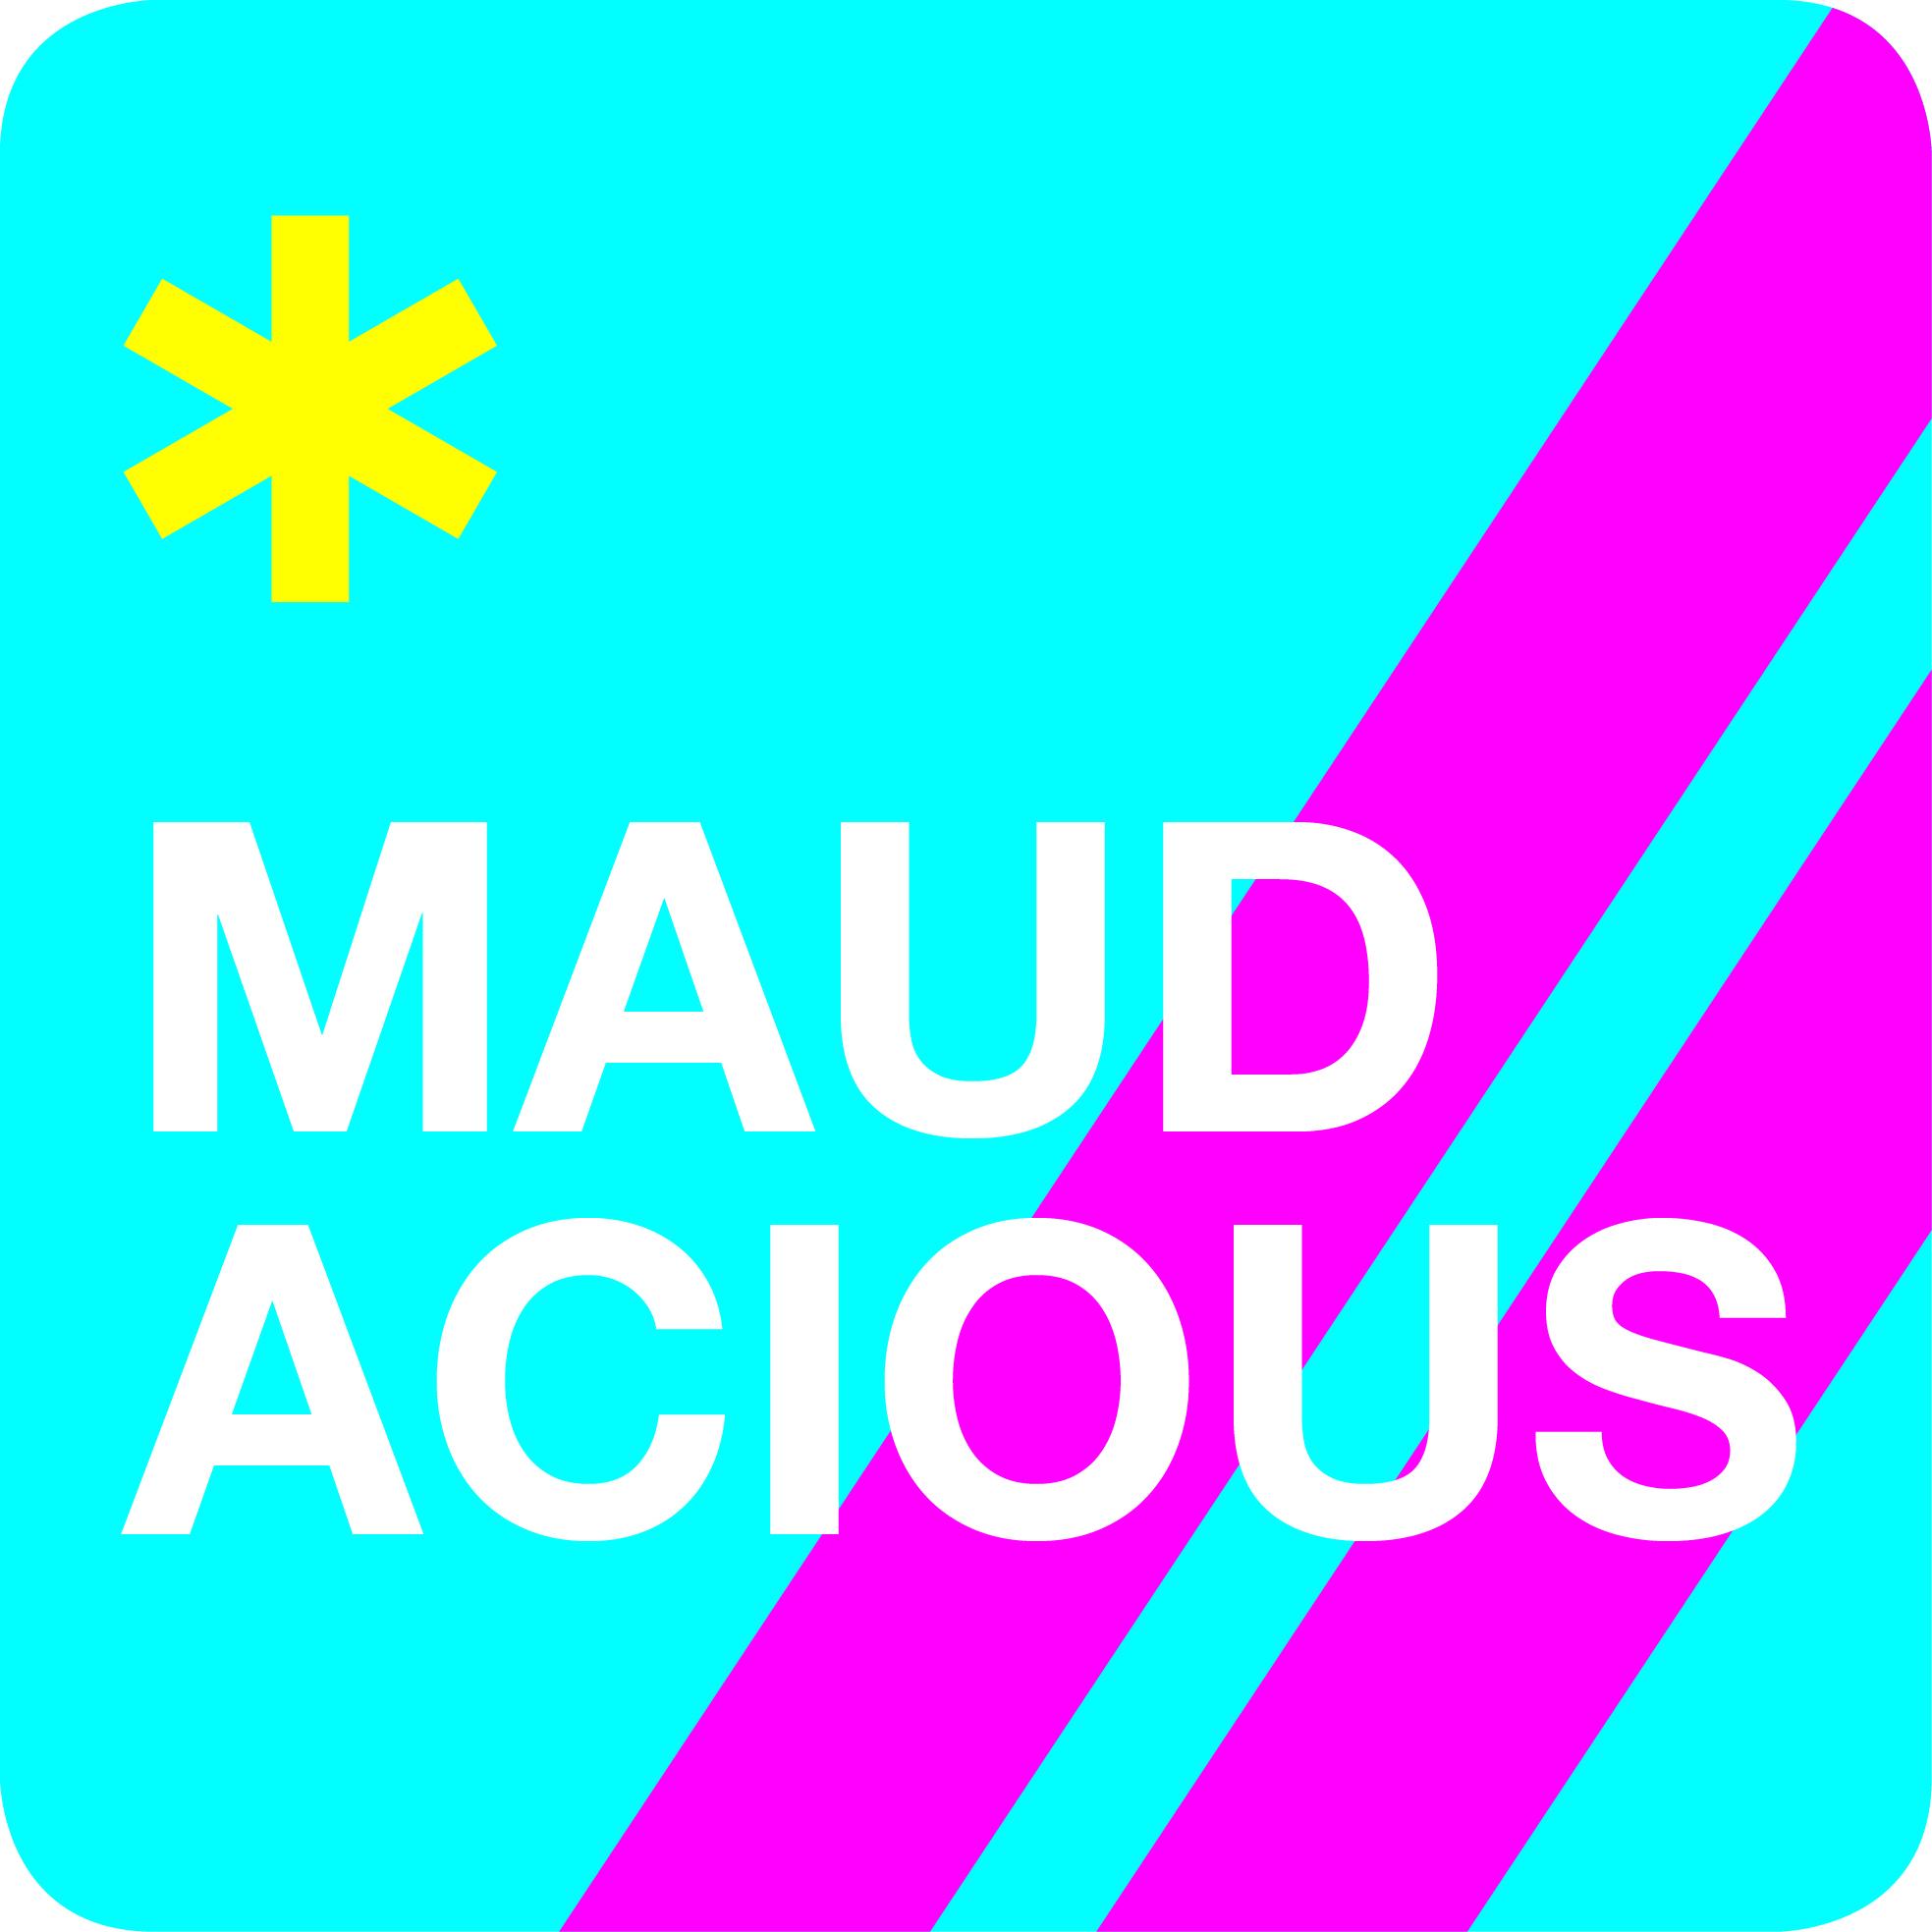 logo design - maudacious